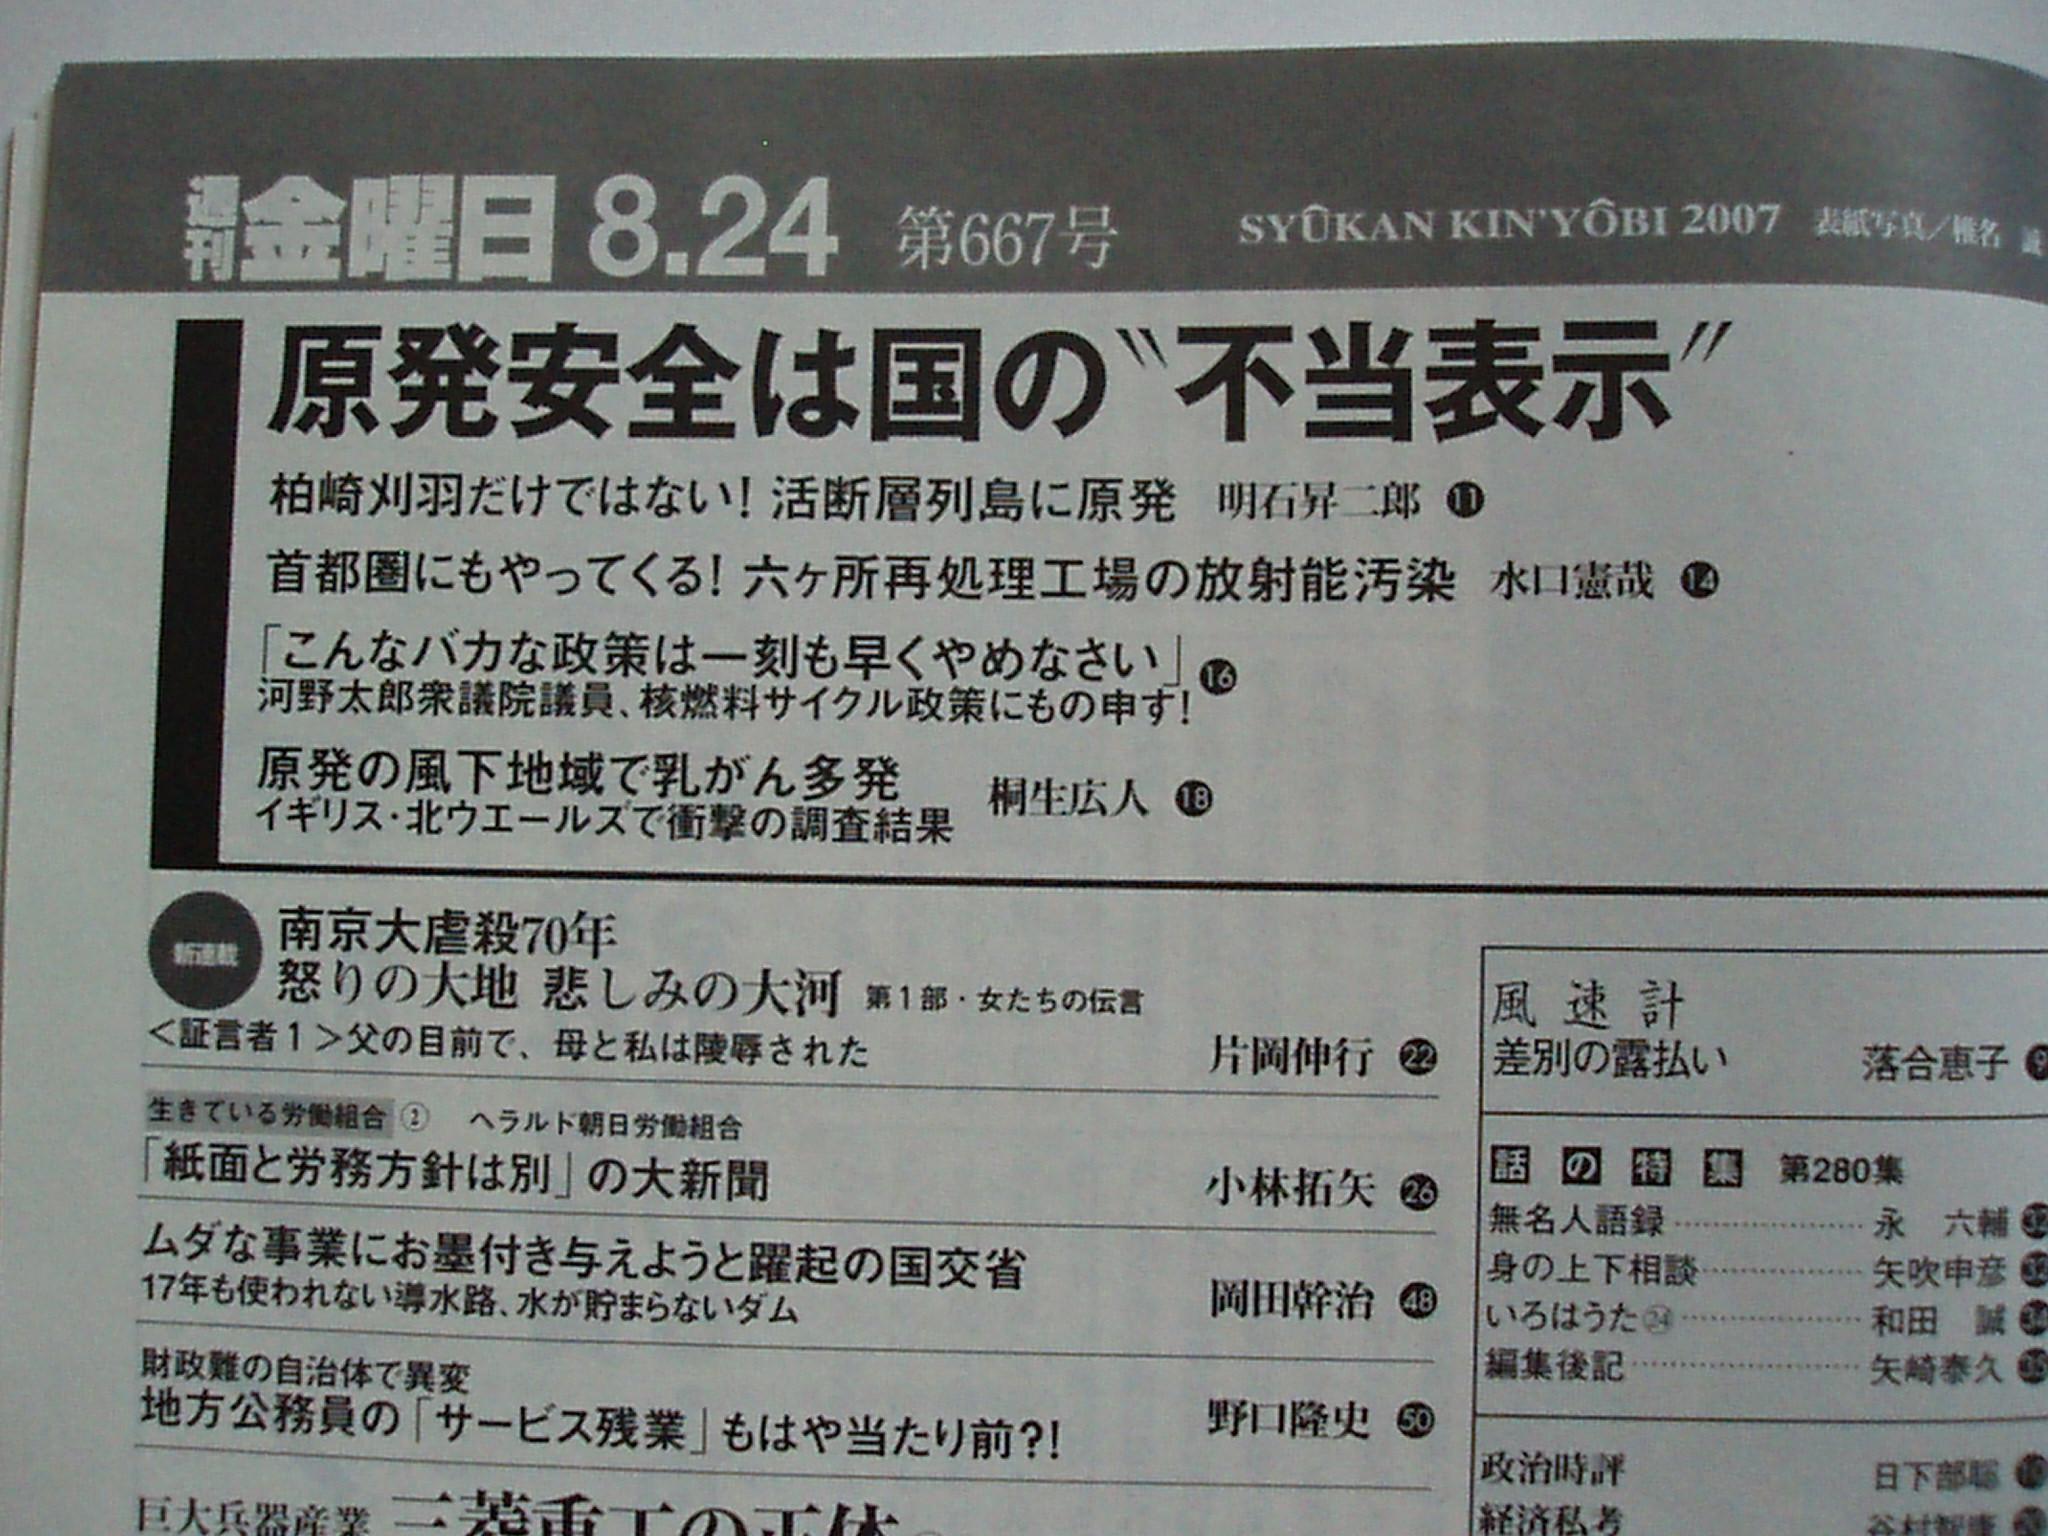 070826-kinnyoubi-kounotarou-002.jpg